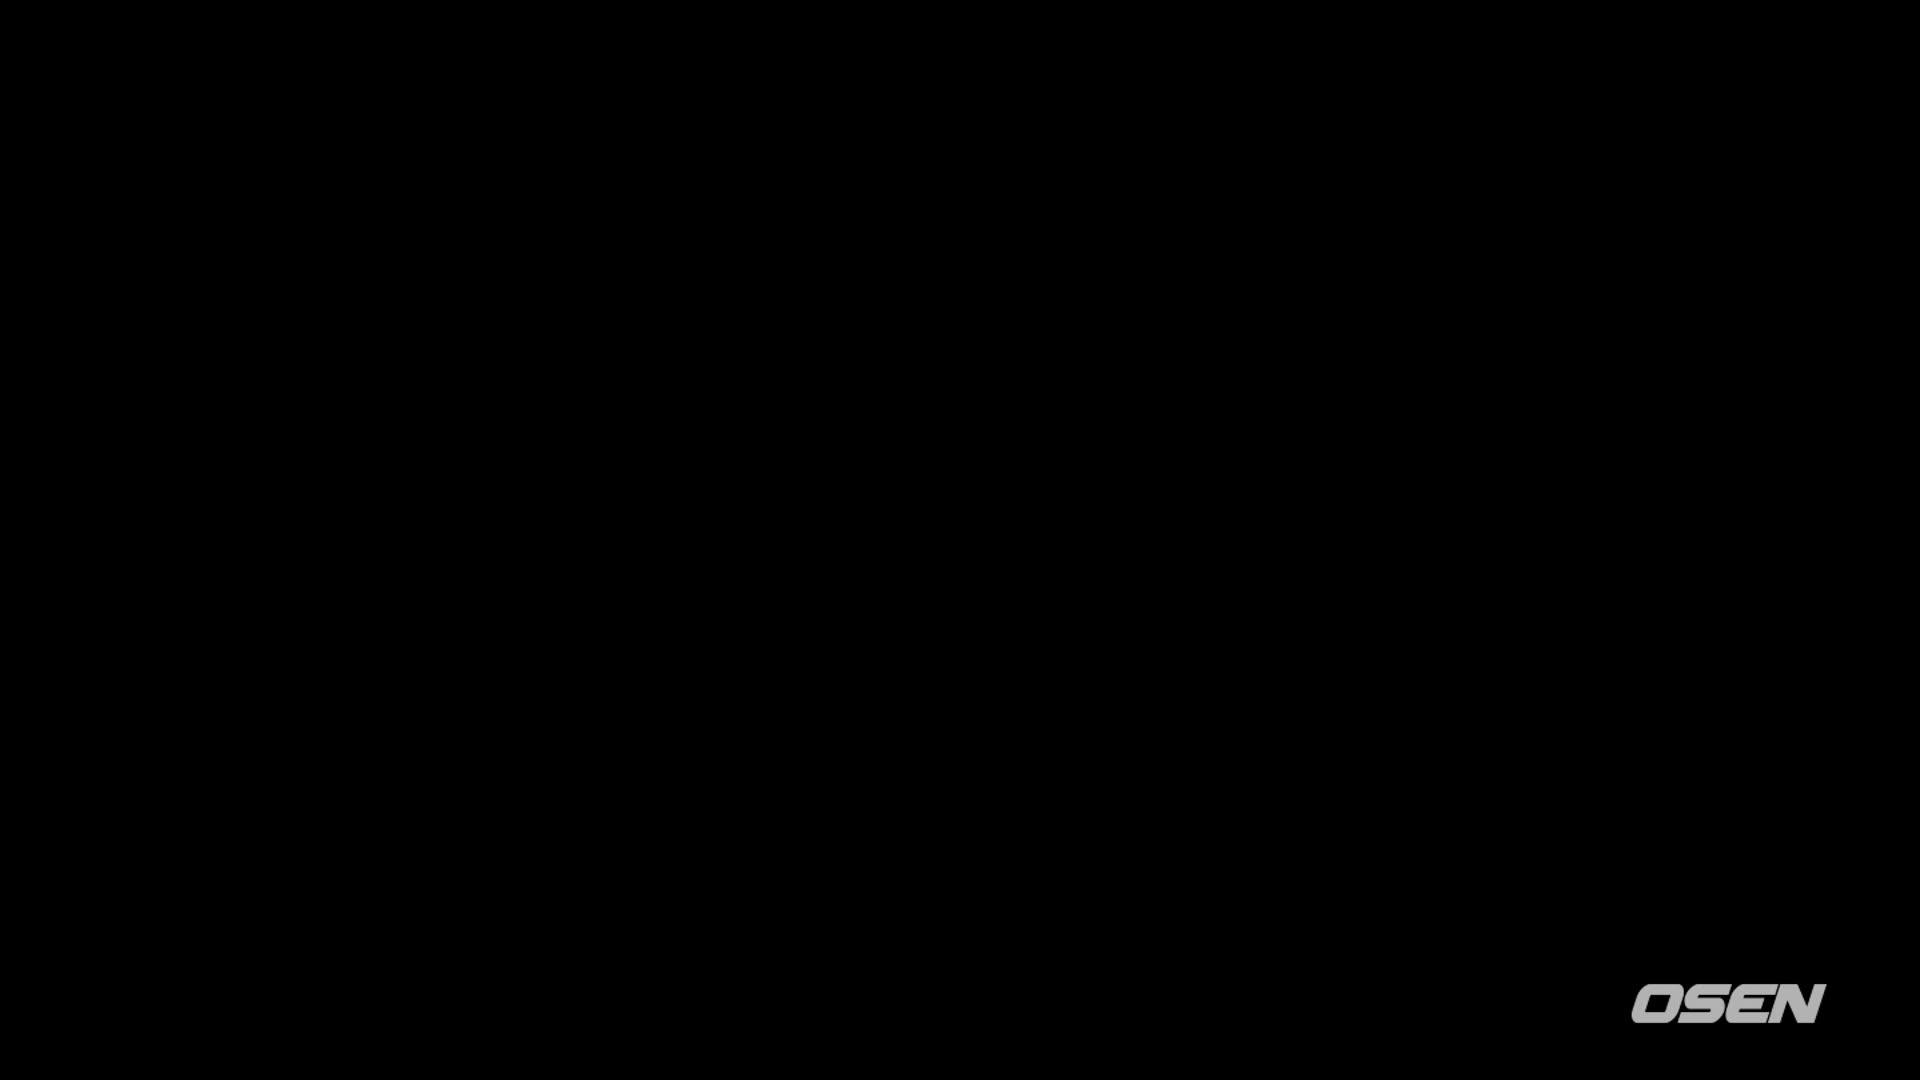 IZ*ONE 아이즈원 권은비X나코, 존재가 애교..잇몸 만개 미소 부르는 귀여움 #스타로드 하이라이트 06